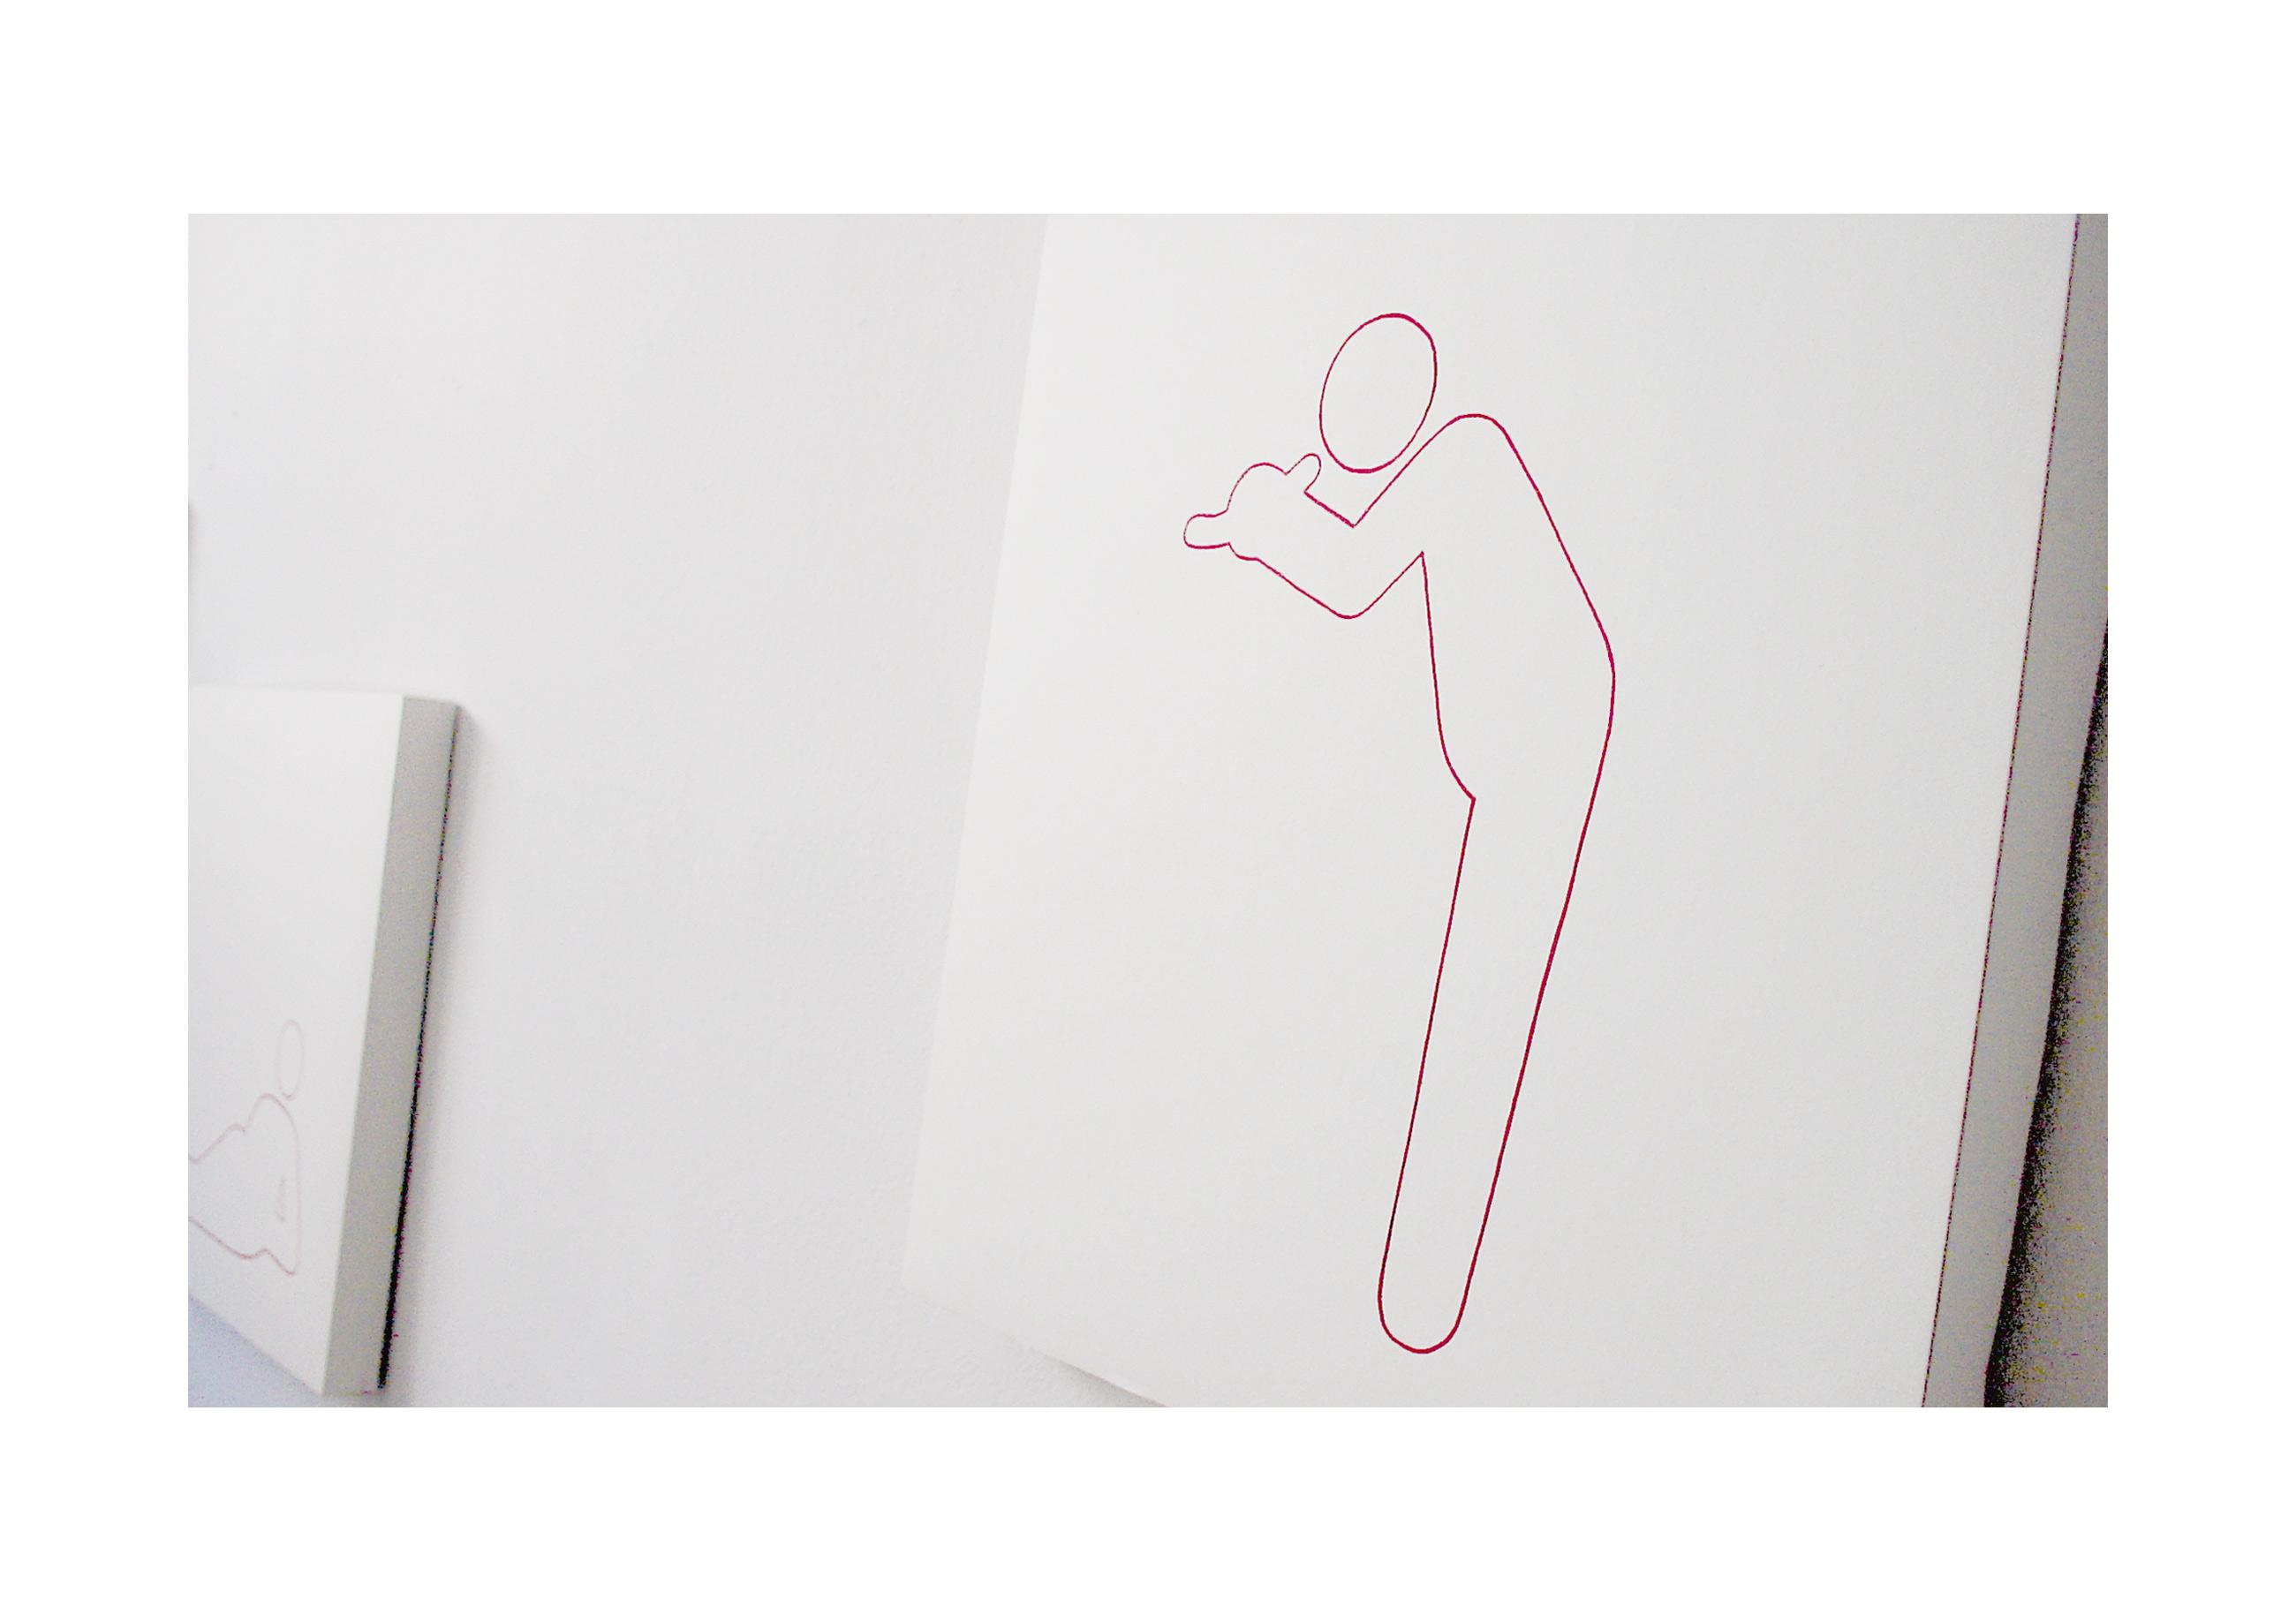 Handgezeichnete Pictogramme